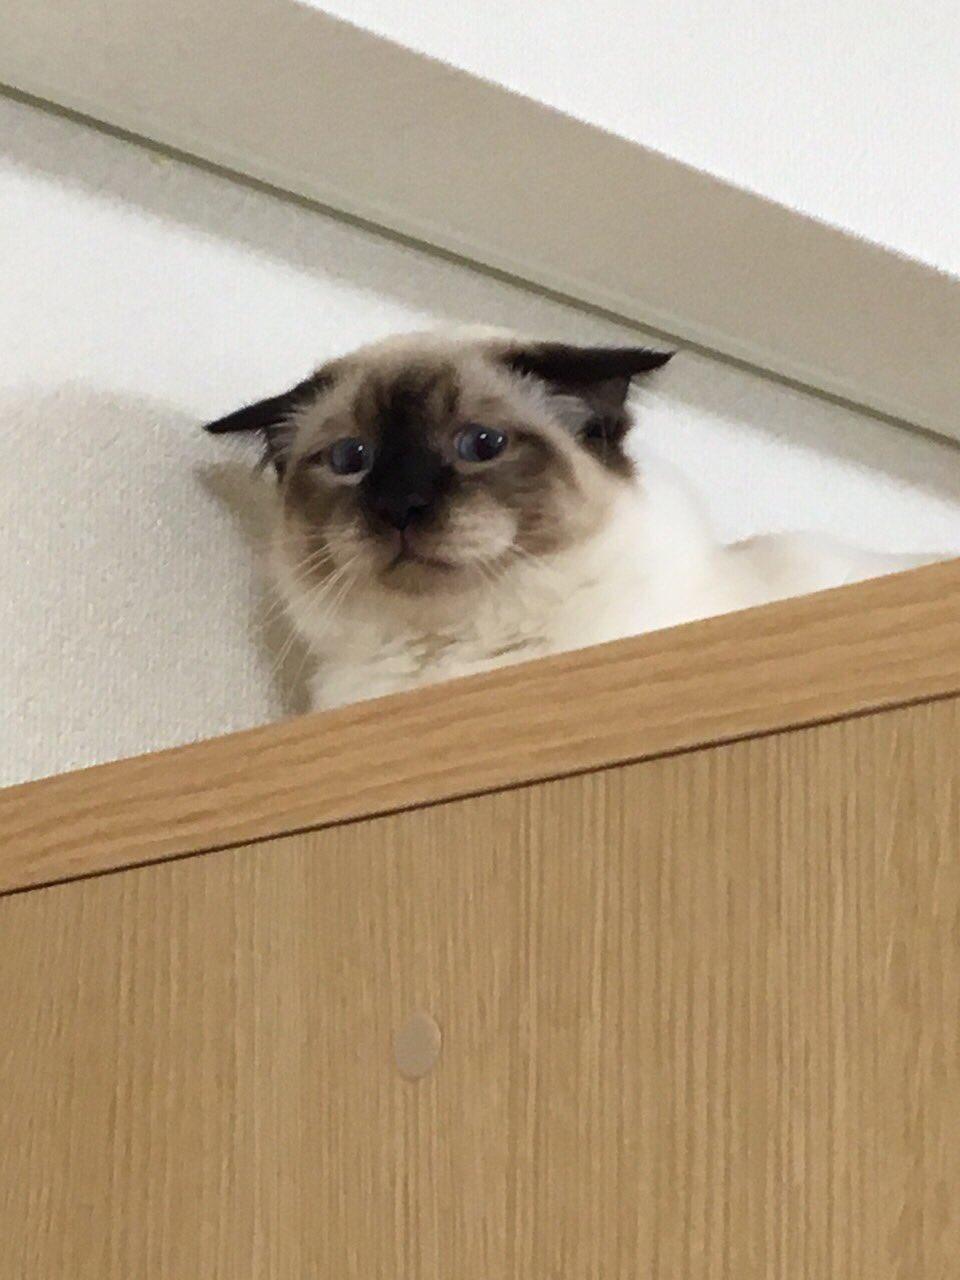 青いやつがあるせいでそちらにいけない猫が可愛すぎるww困った表情に注目!